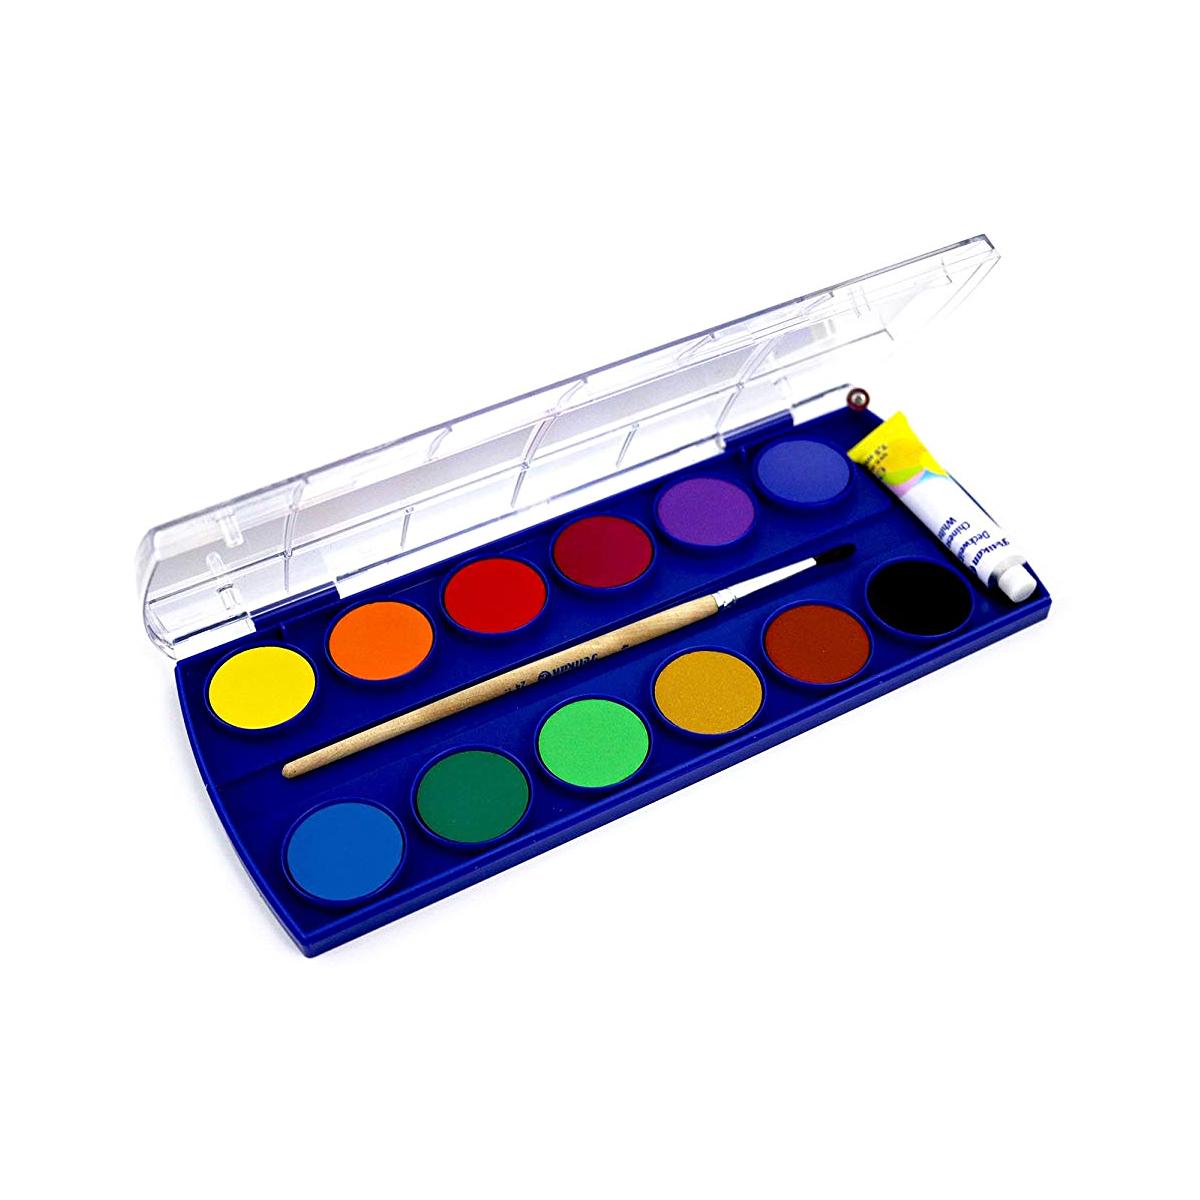 Set Acuarele, 11 Culori, Alb de Zinc, Pensulă, Pelikan, 721324